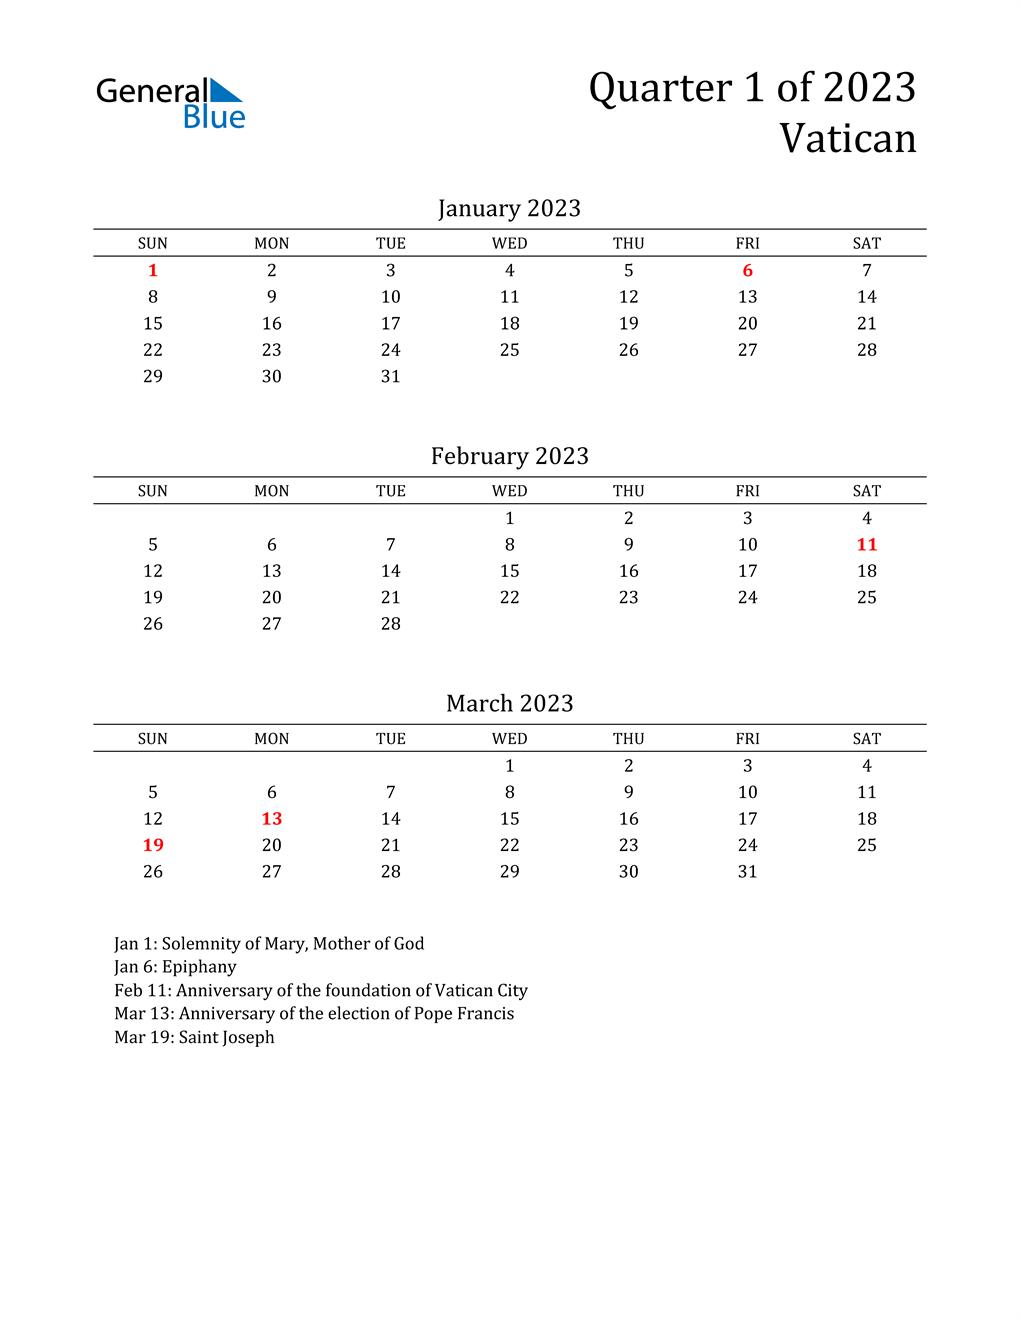 2023 Vatican Quarterly Calendar